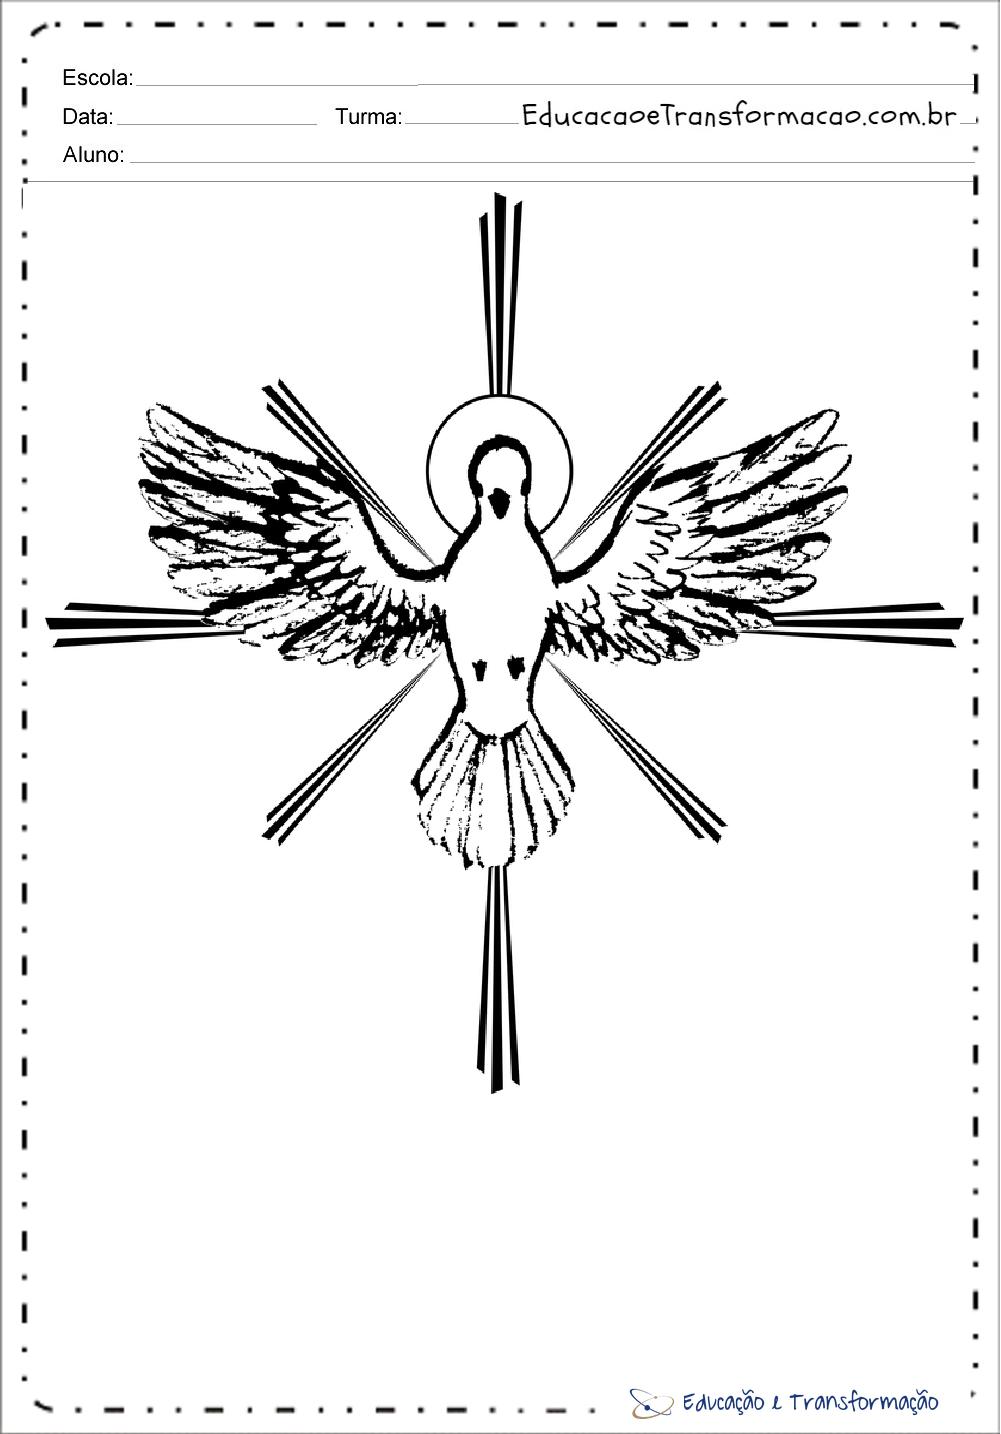 Desenhos De Pombas Do Espirito Santo Educacao E Transformacao